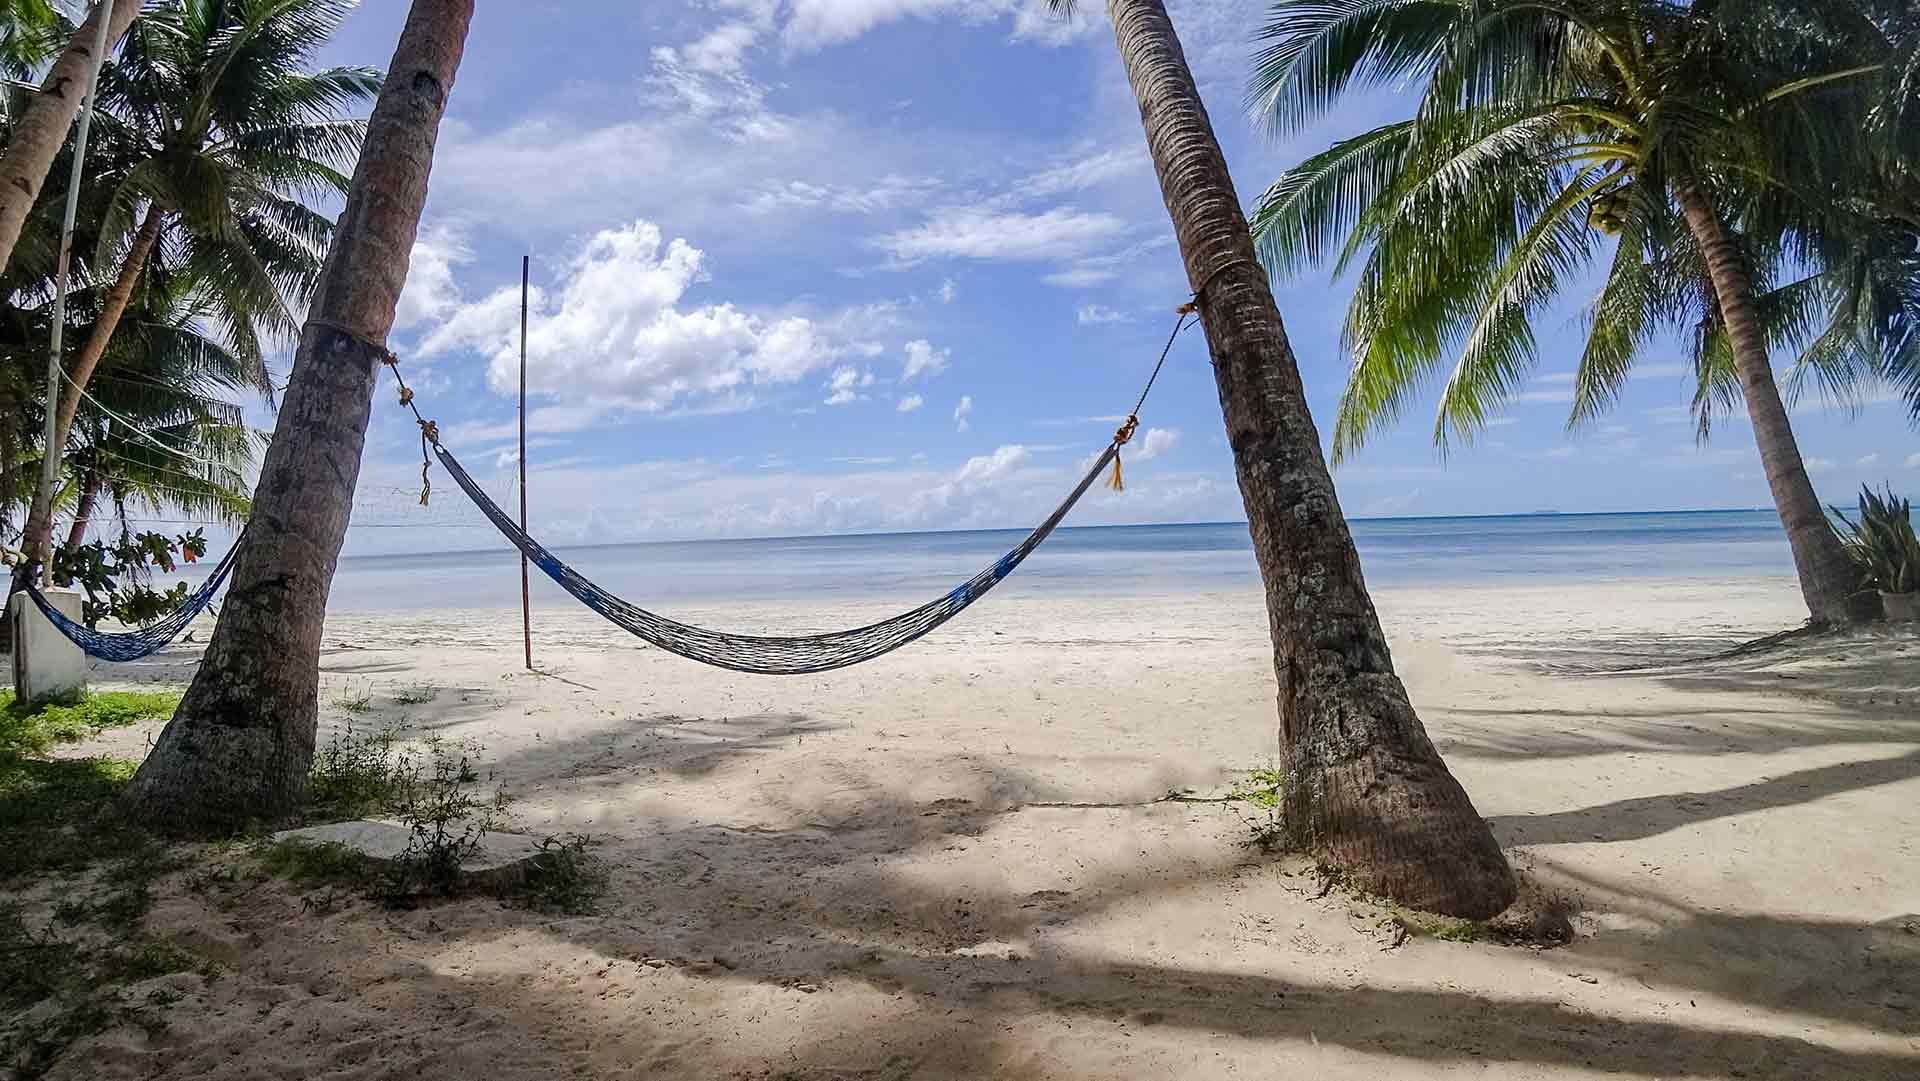 Philippinen: Hängematte zwischen zwei Palmen